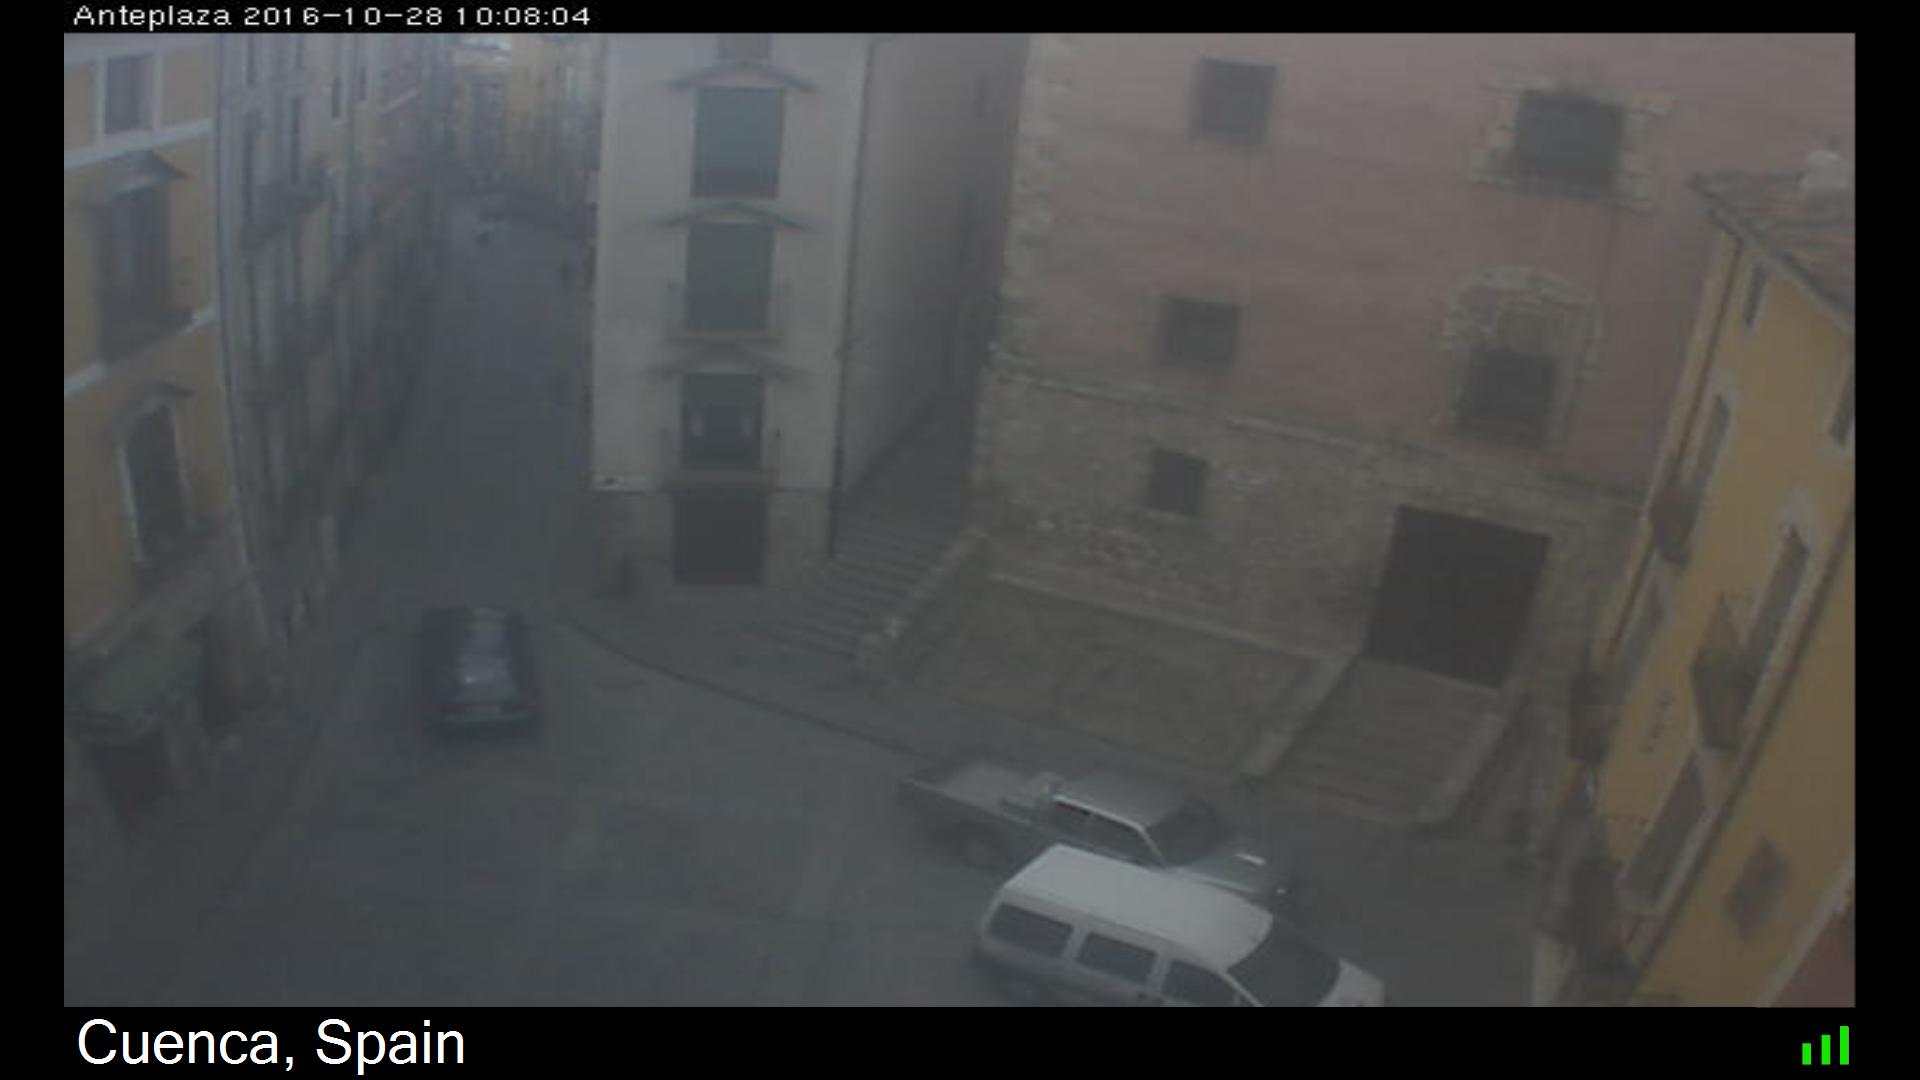 Live-ScreenSaver